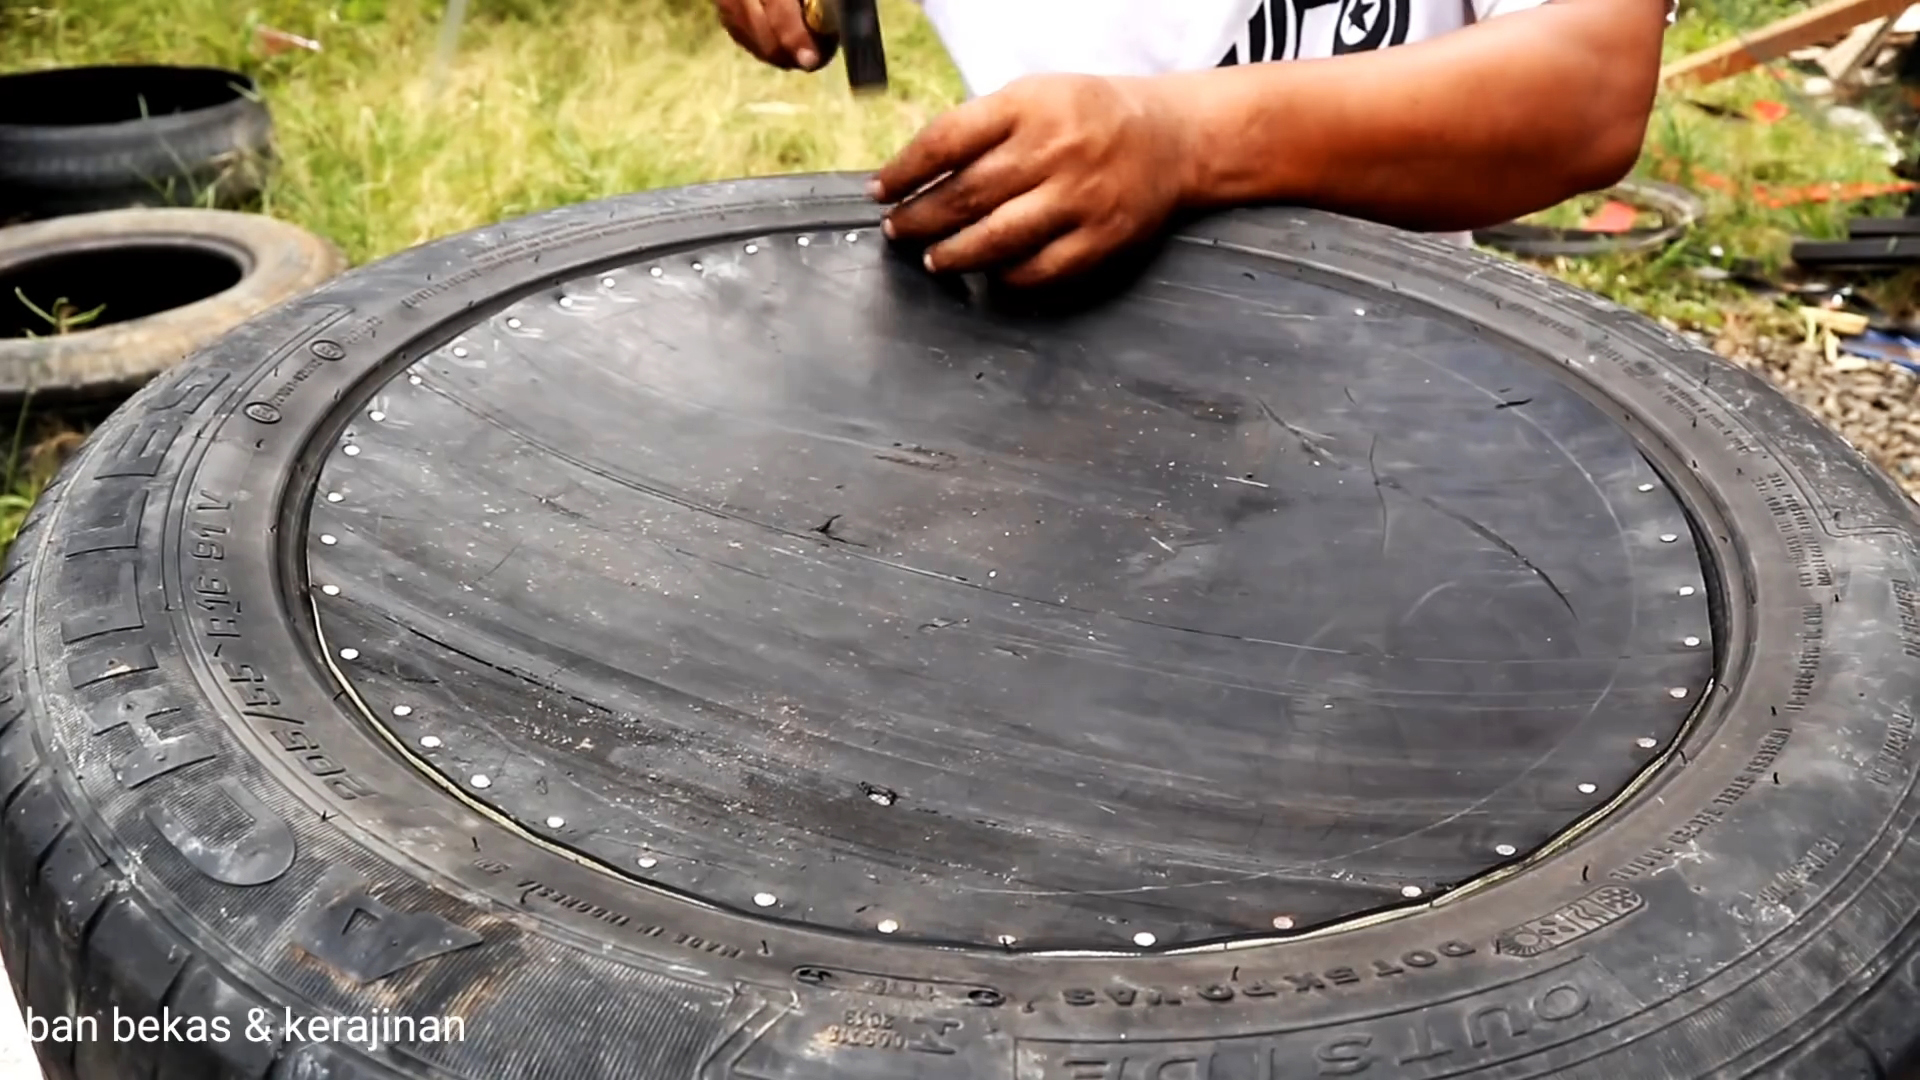 Как сделать бак для воды из старой покрышки